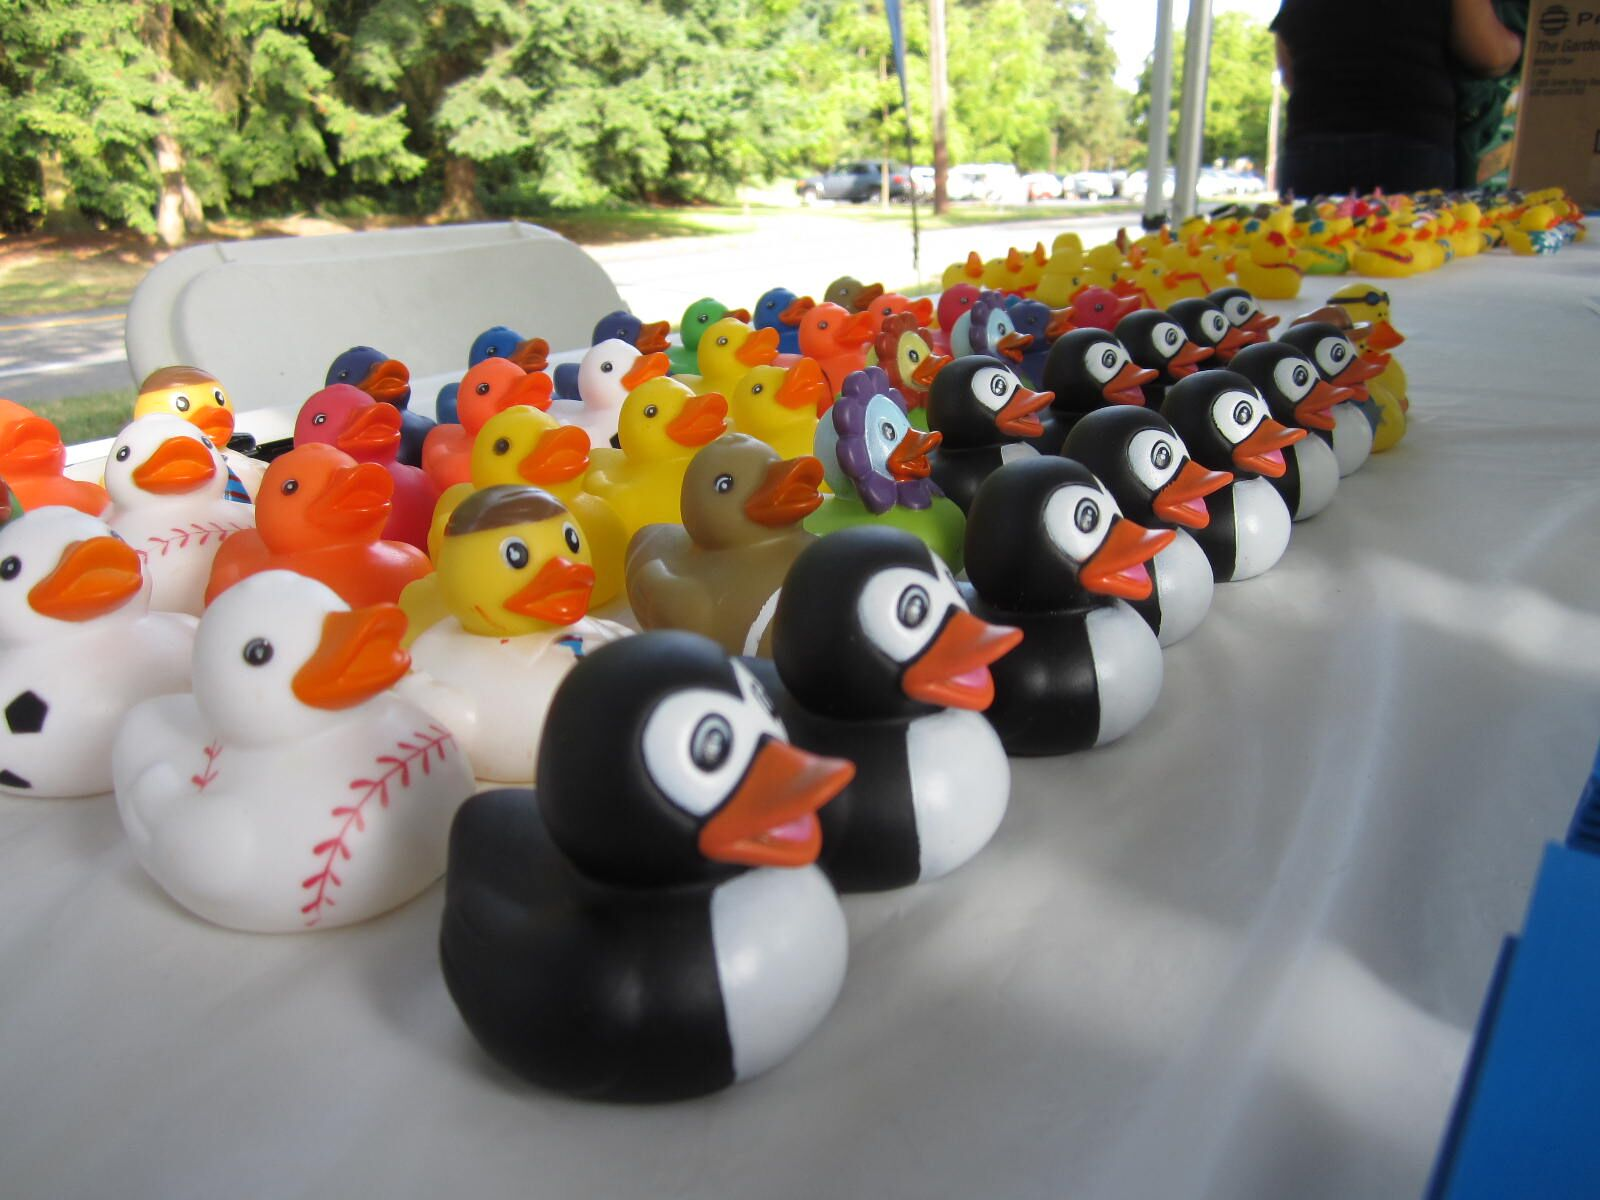 duckies